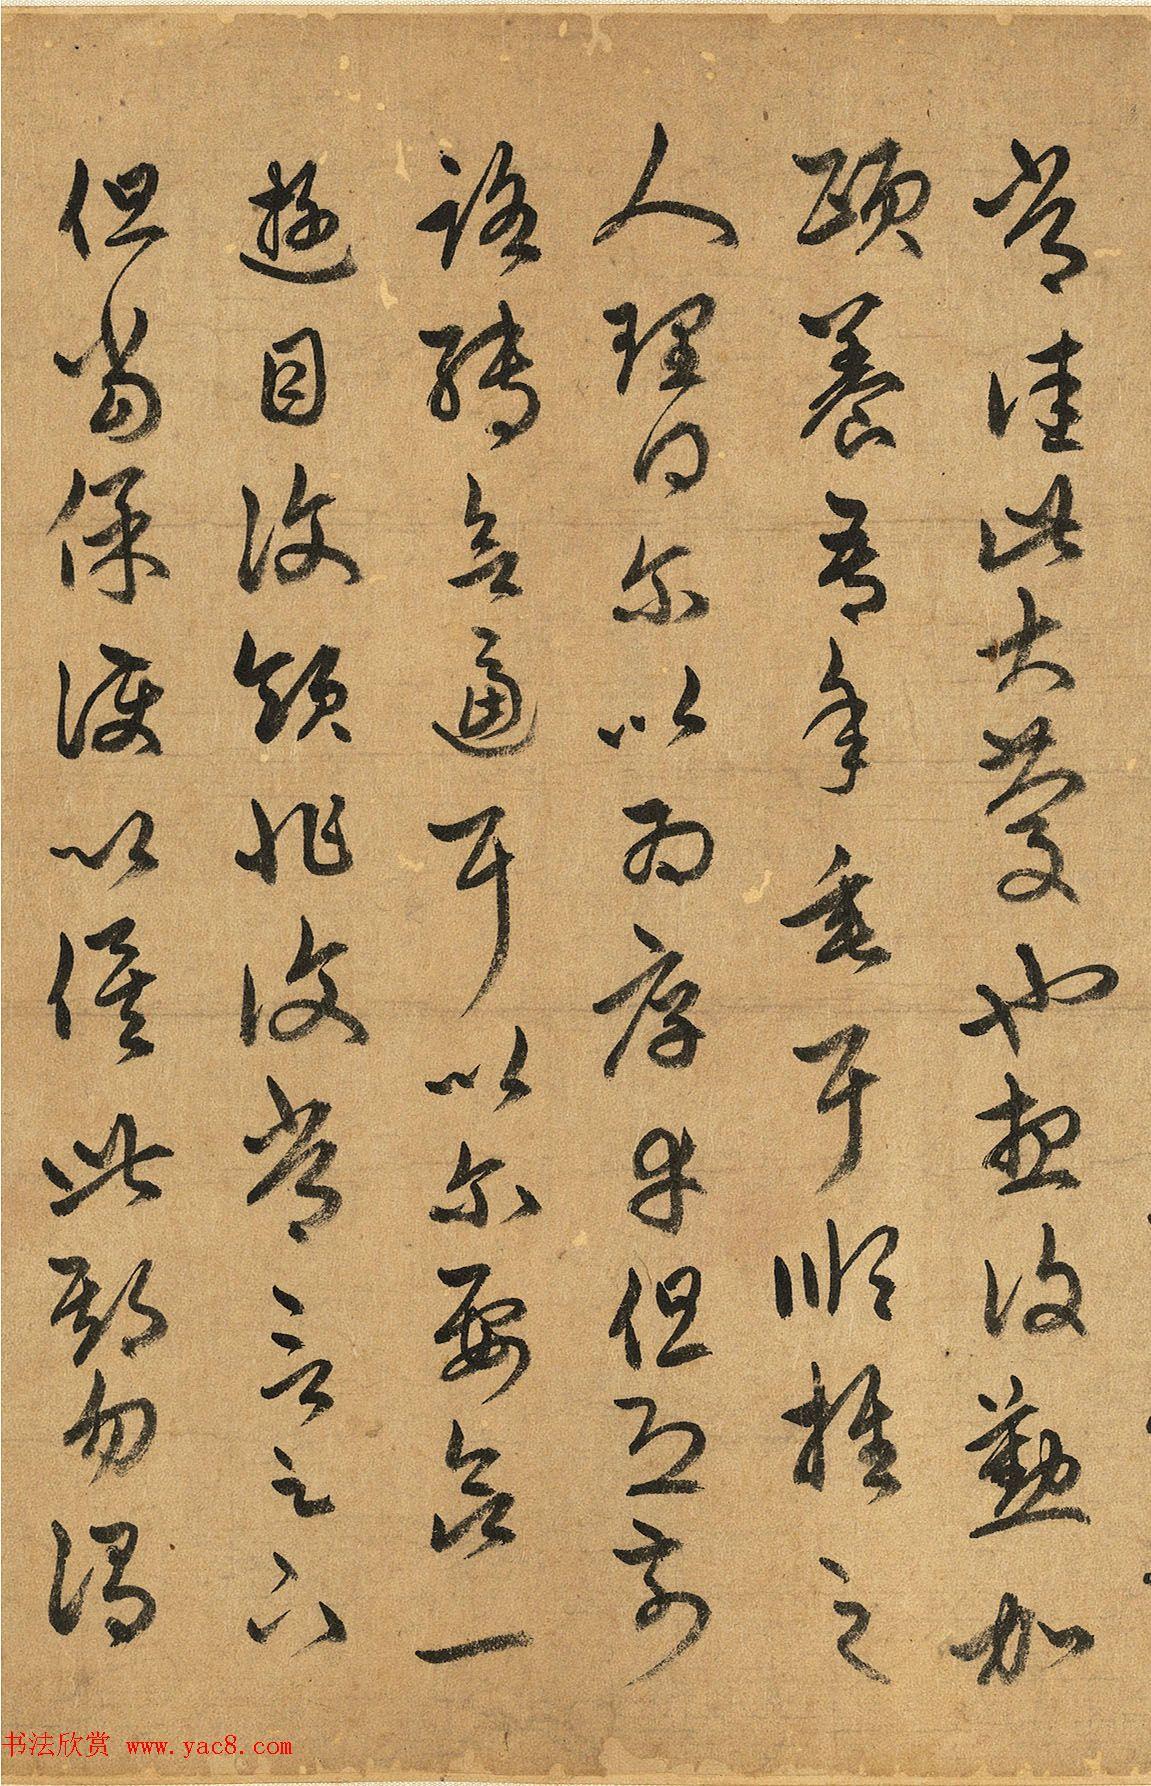 赵孟頫63岁草书《元赵文敏公临十七帖》